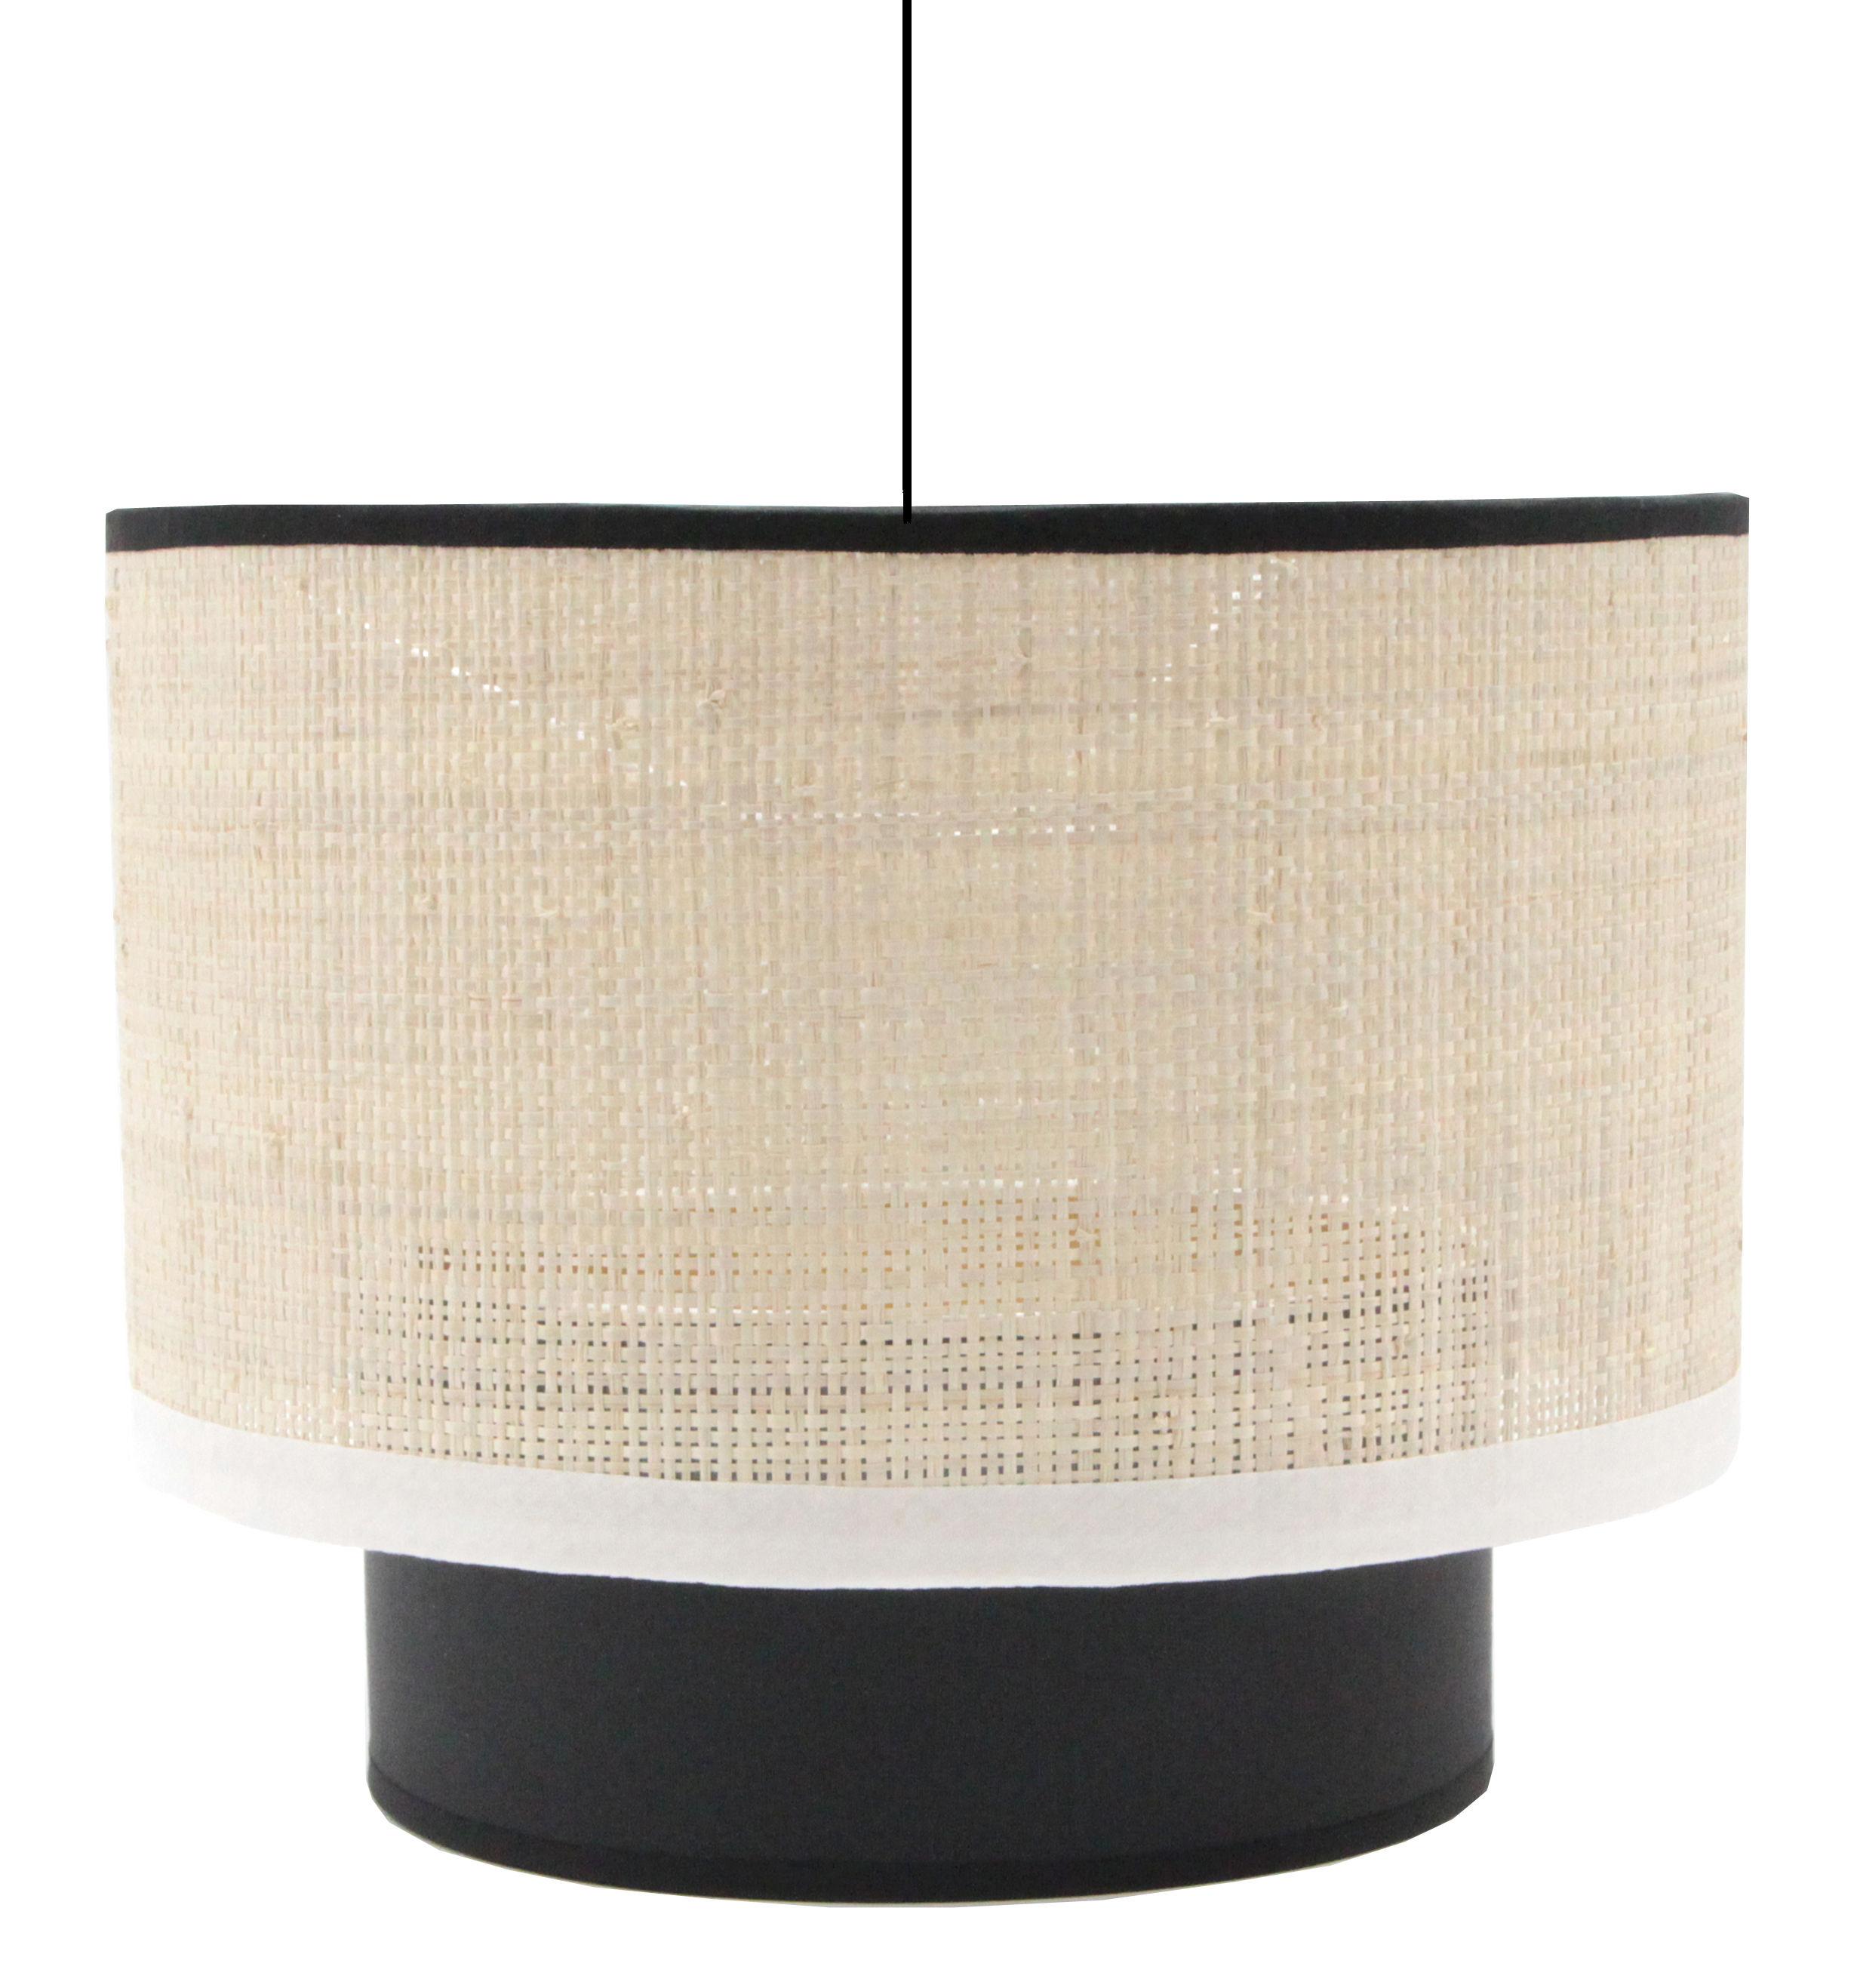 Luminaire - Suspensions - Suspension Eclipse / Rabane - Ø 25 cm - Maison Sarah Lavoine - Rabane / Biais blanc et noir - Coton, Métal, Rabane